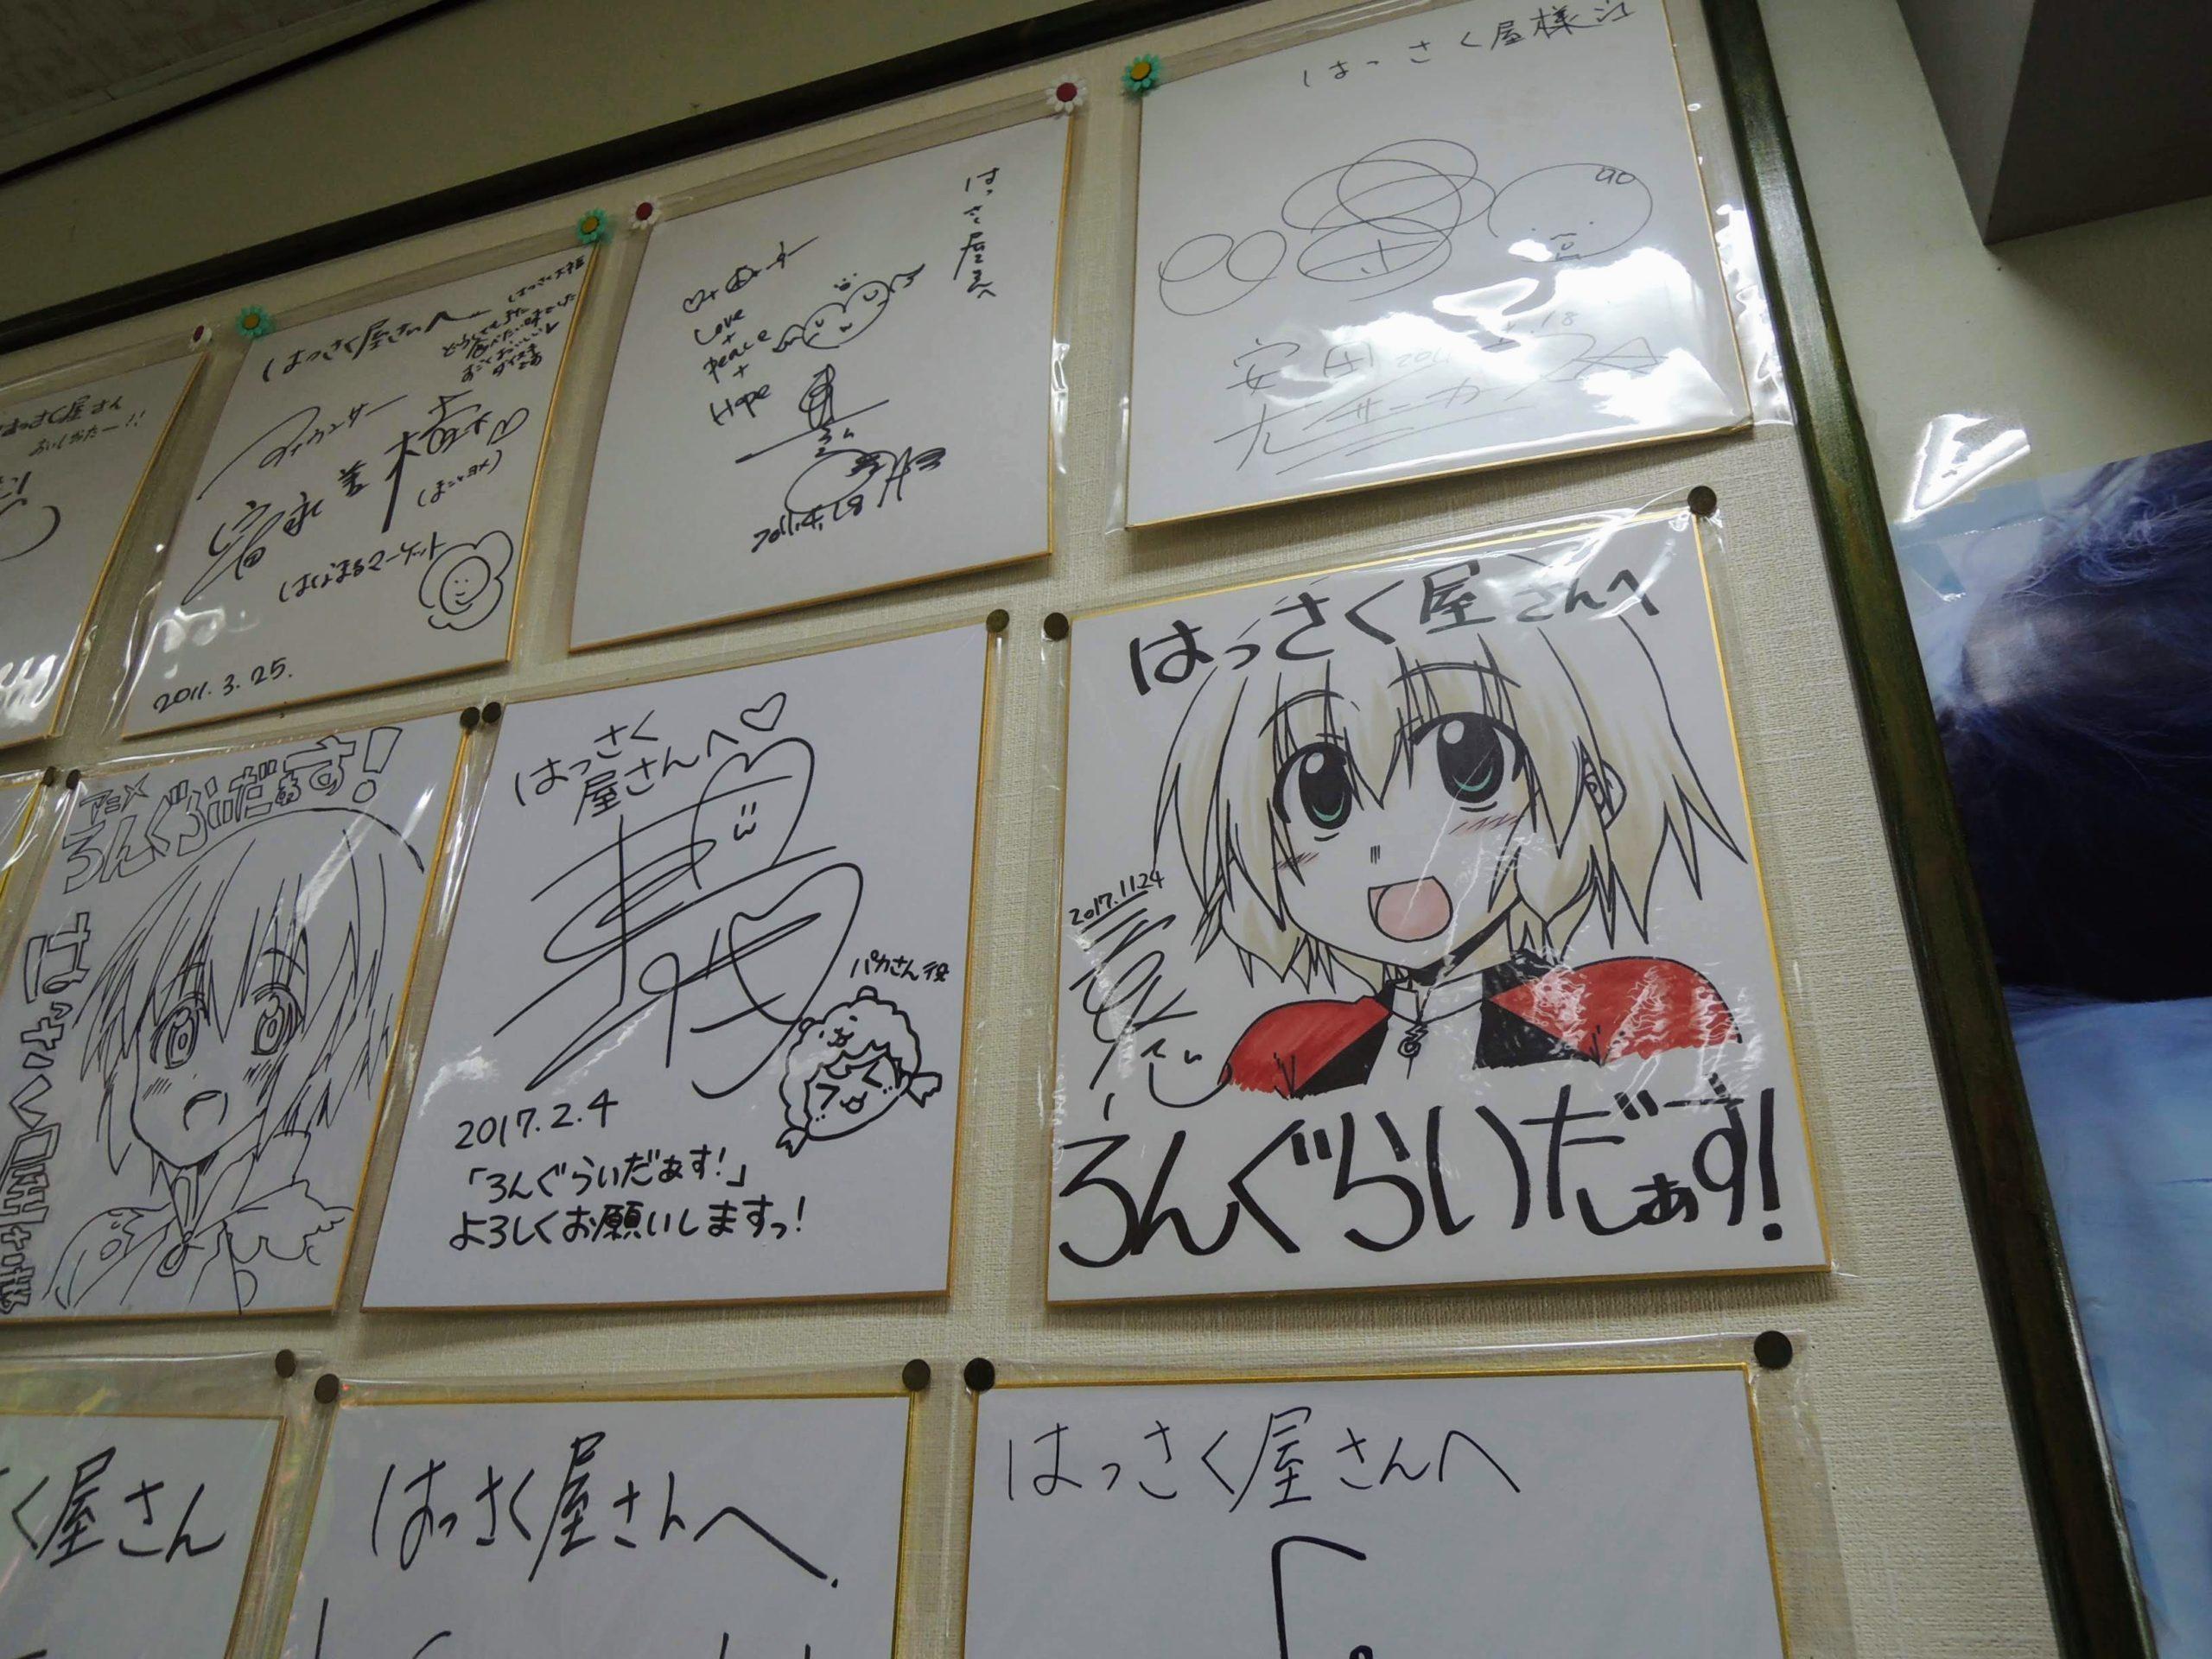 はっさく屋に飾られていたろんぐらいだぁす作者のサイン色紙